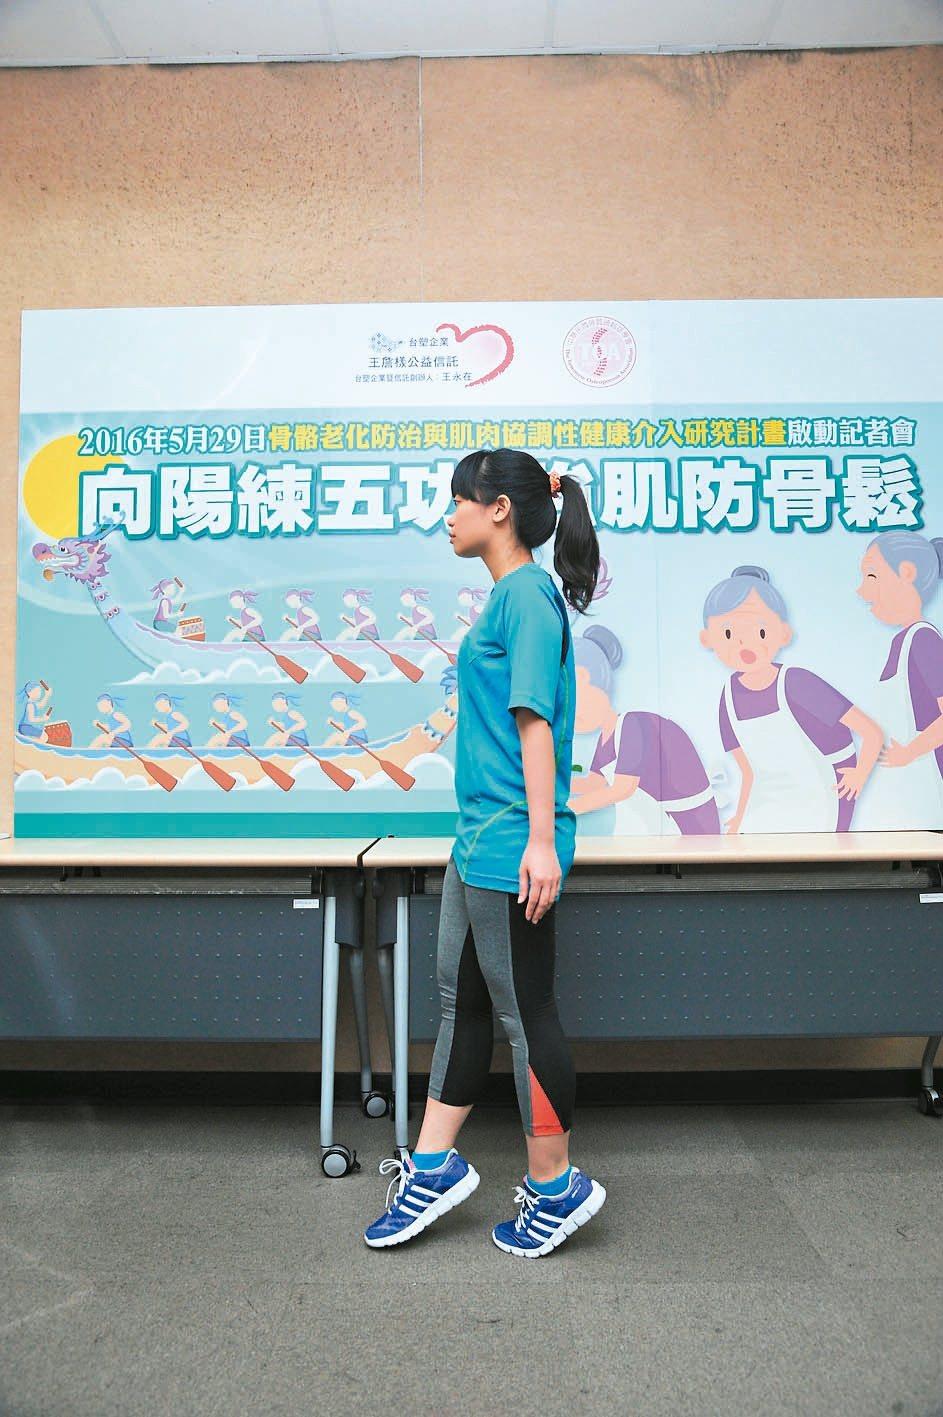 足部鍛鍊:單手扶牆,踮腳尖步行25步,再轉身重複練習,伸展腿部肌肉。 記者黃安琪...